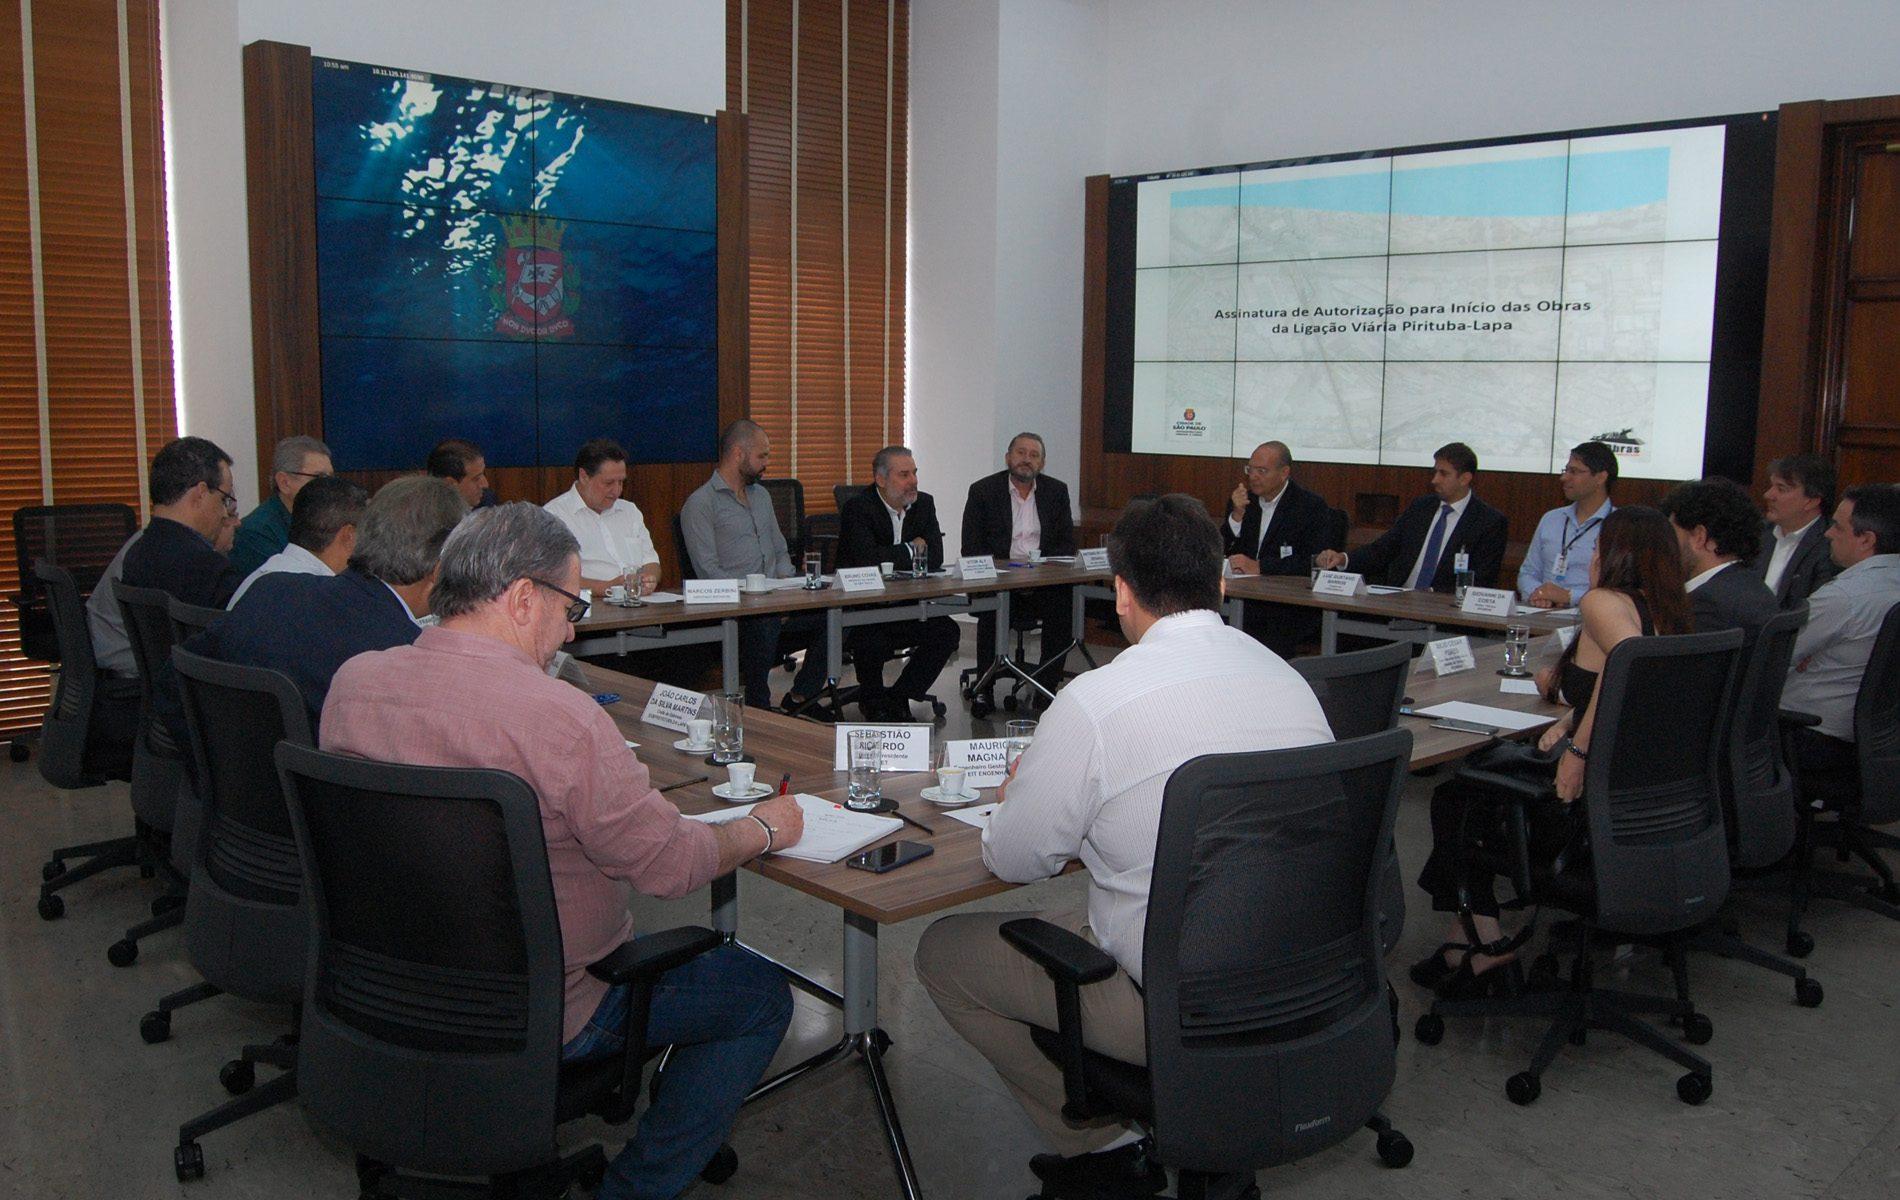 Reunião para assinatura da autorização das obras (Crédito: Divulgação Prefeitura)